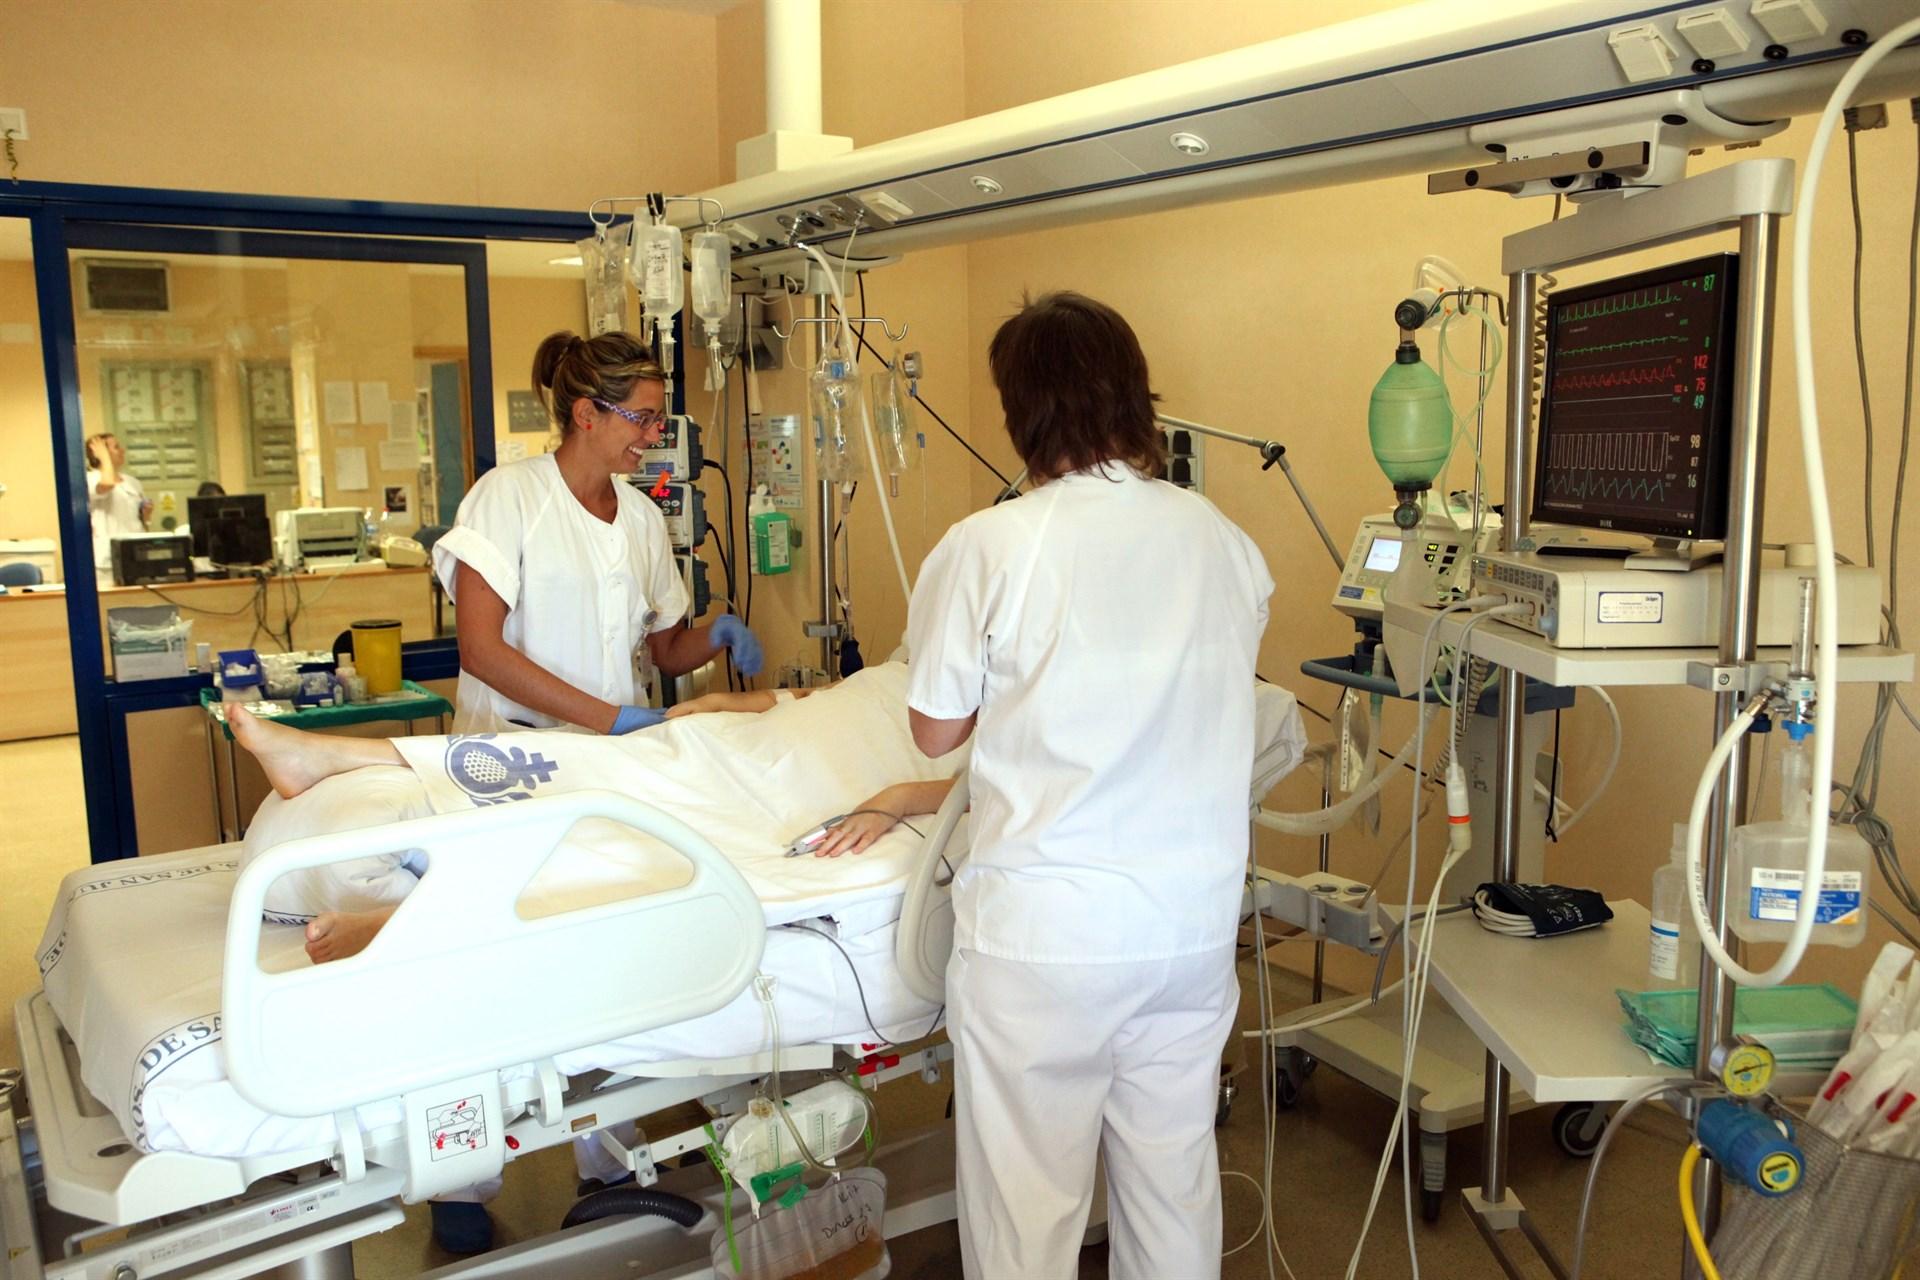 Se reduce un 10% la mortalidad en los hospitales españoles, mientras que las bajas hospitalarias aumentan un 2%